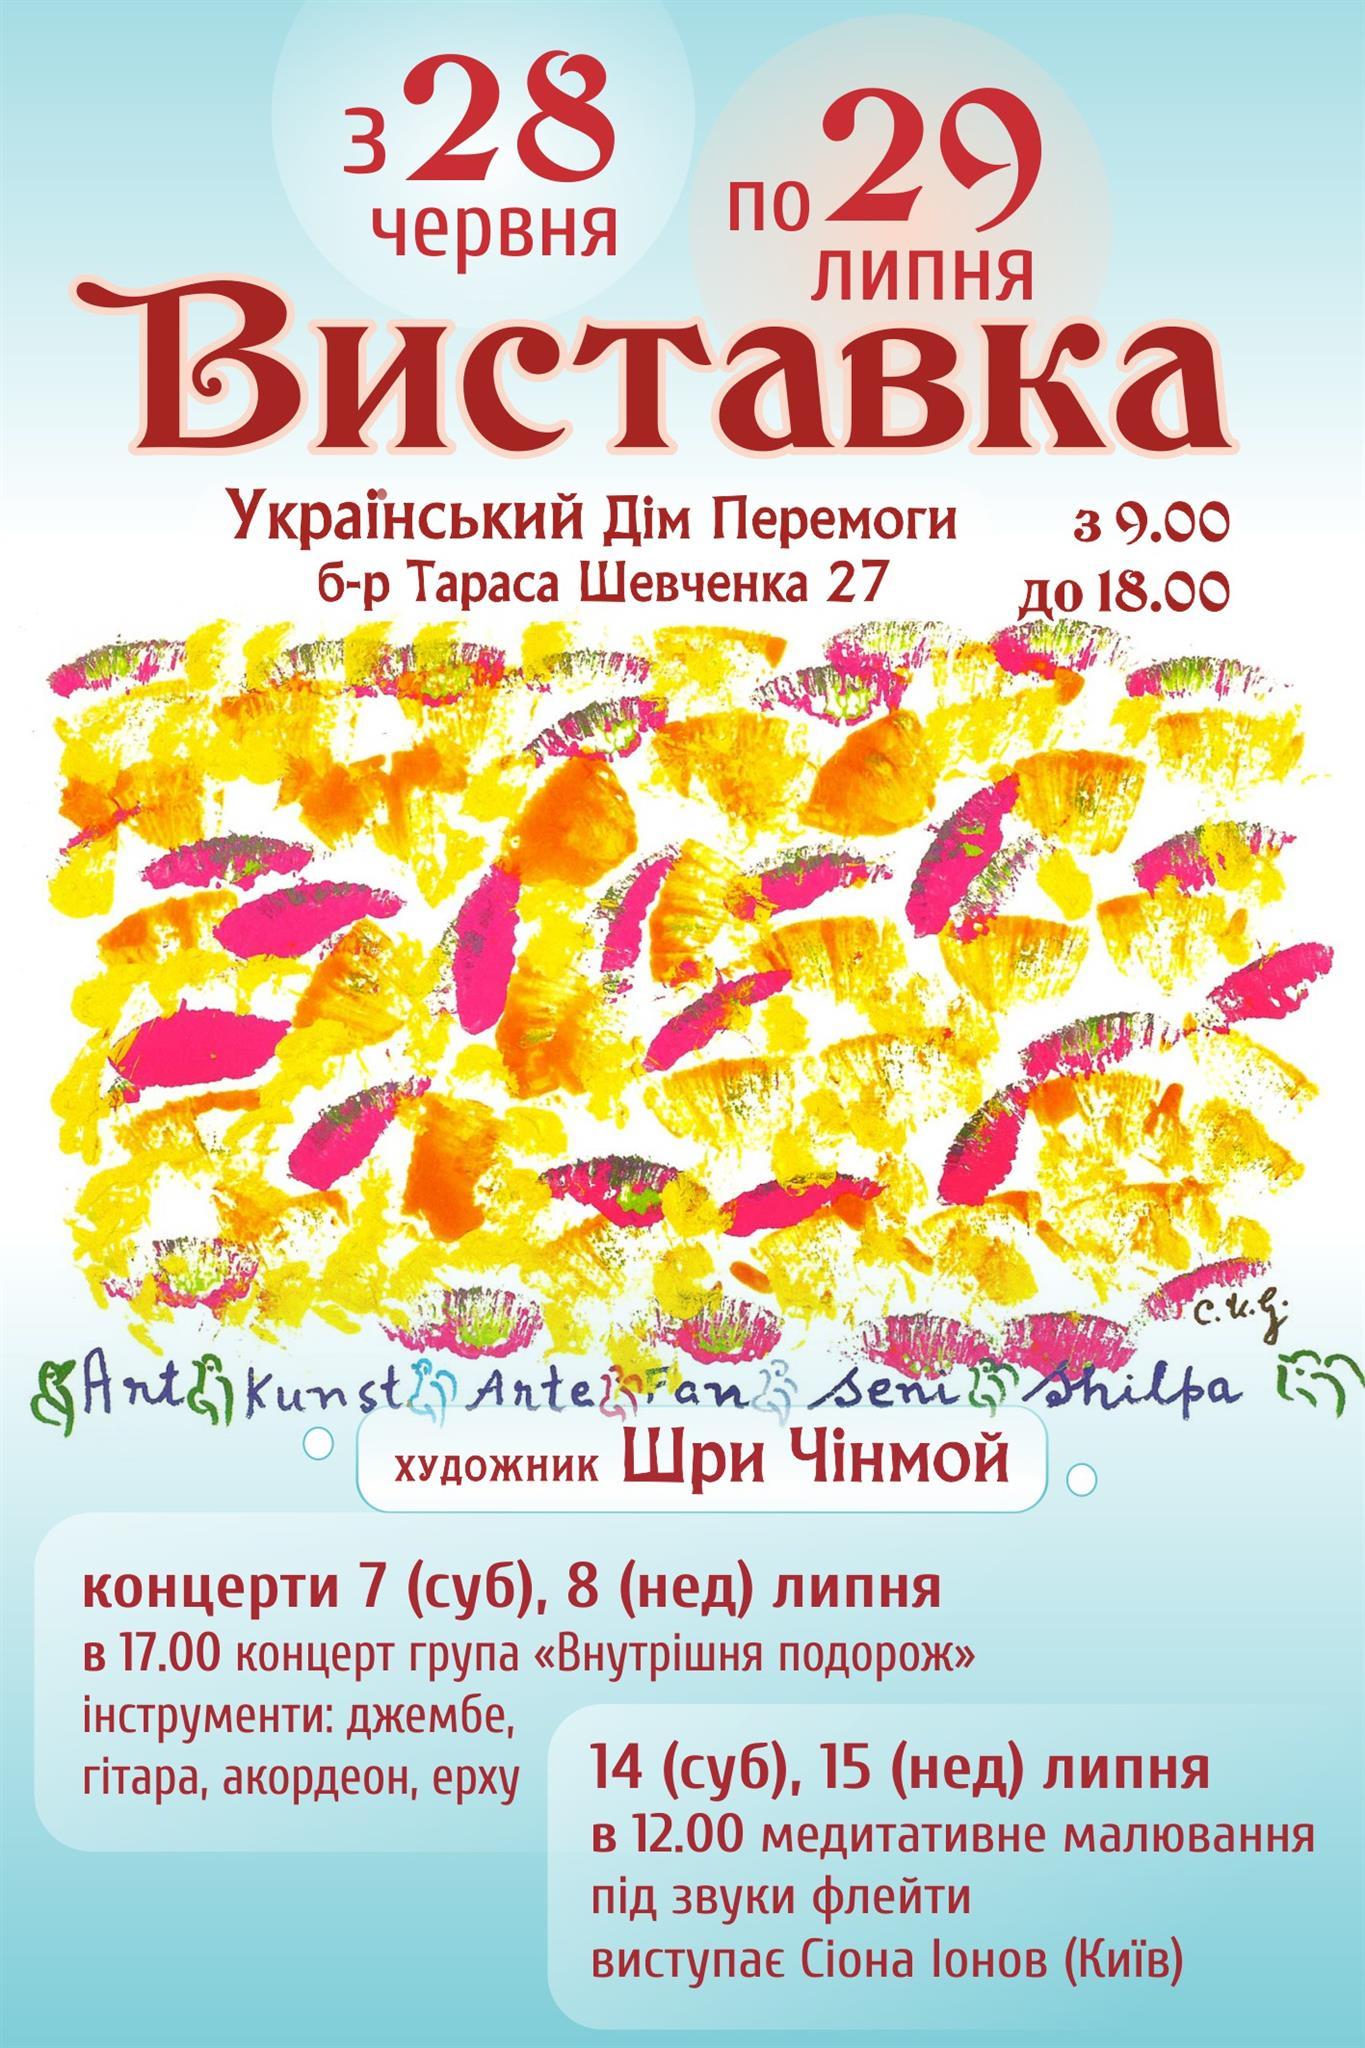 Виставка медитативного живопису, м. Тернопіль